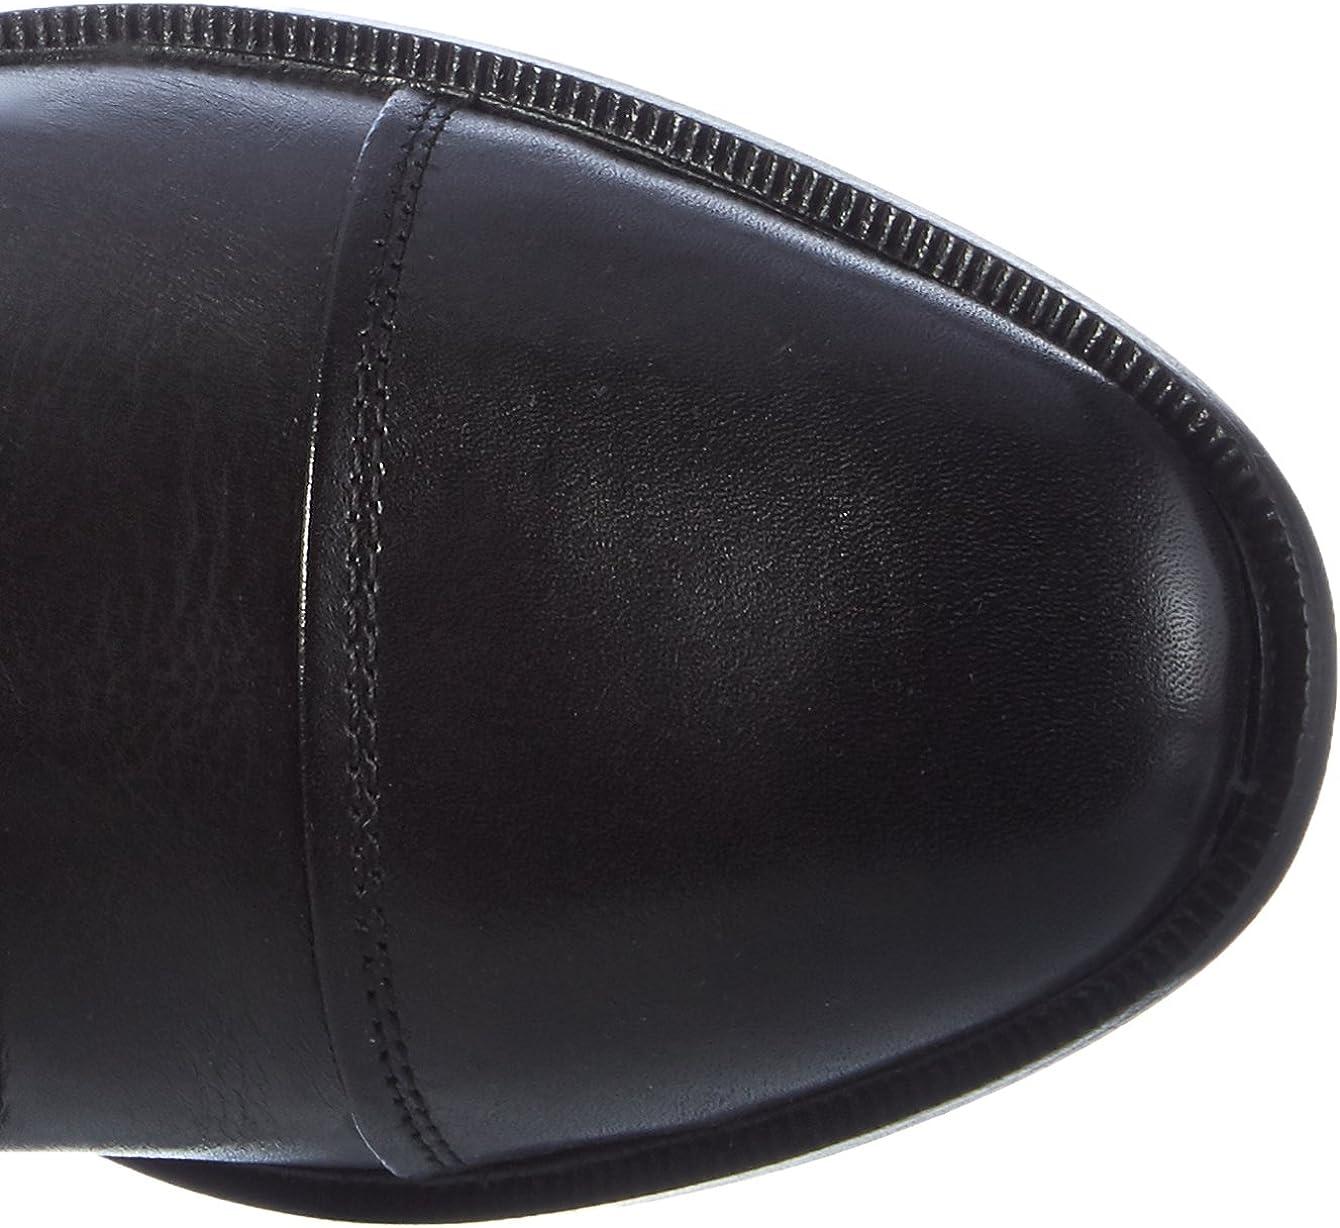 Taille Normale//Large Mixte Softleder Weit Bottes d/équitation en Cuir Souple HKM SPORTS EQUIPMENT Reitstiefel-Spain